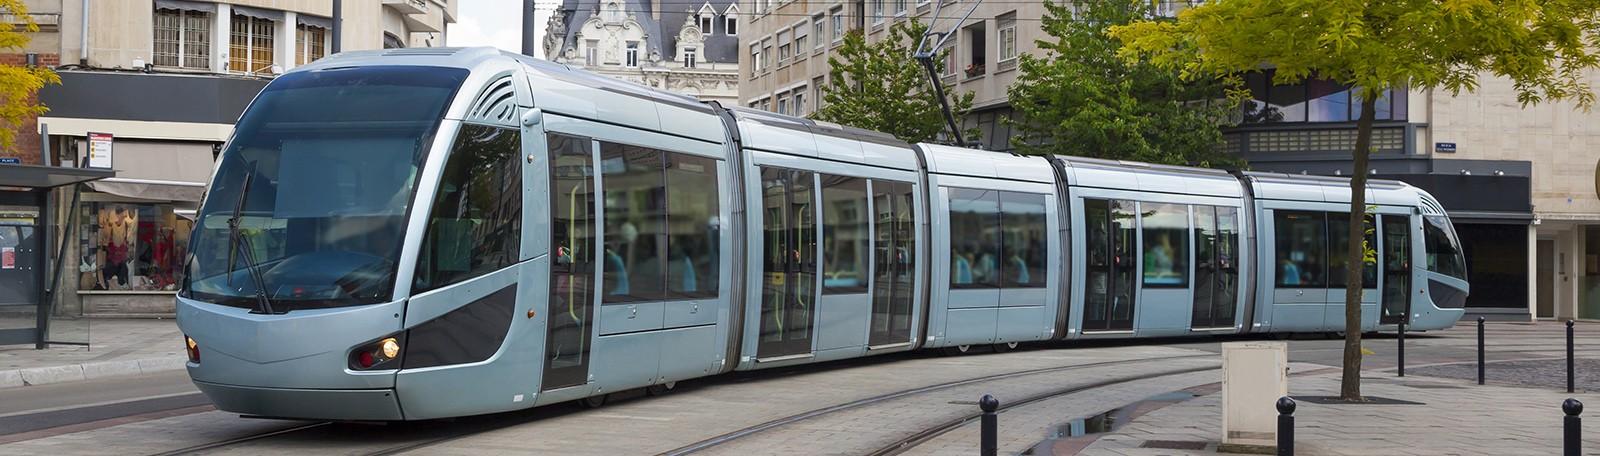 Stationner à Valenciennes Maternité Monaco